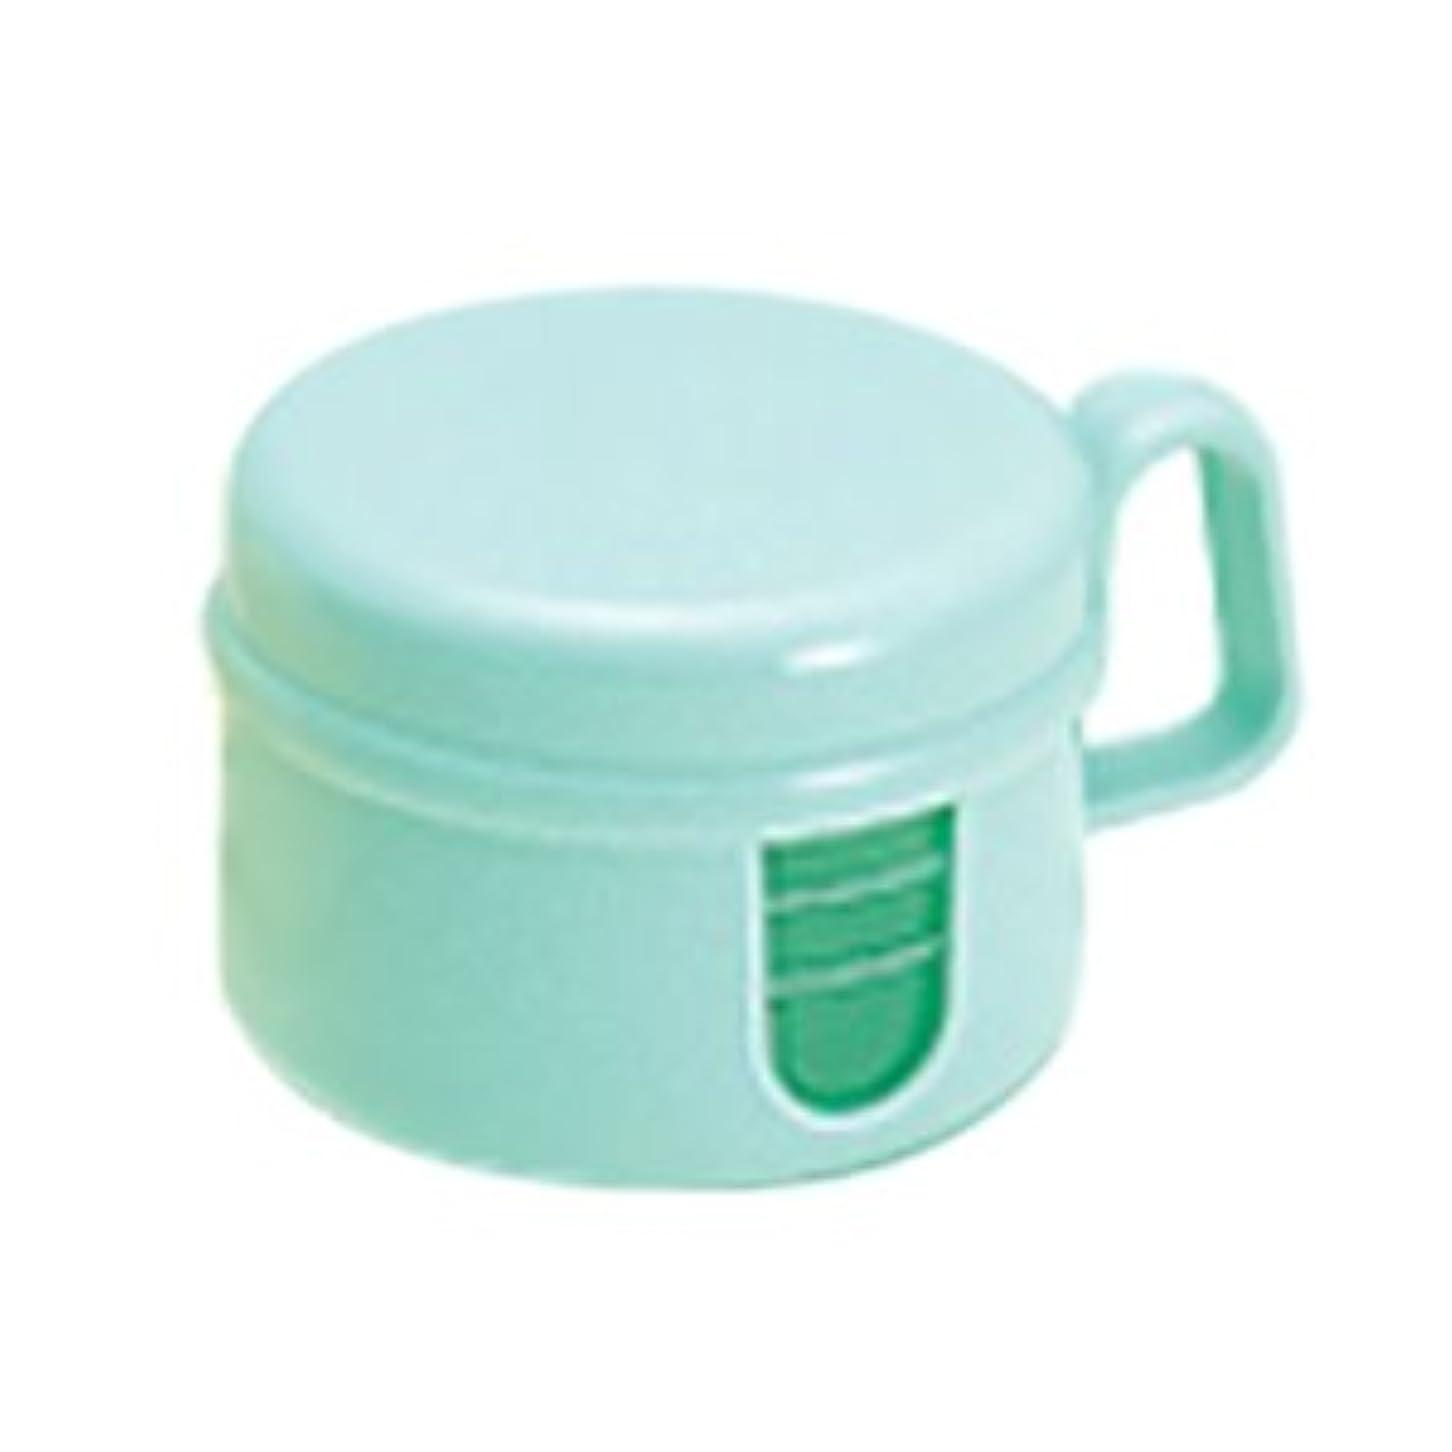 シチリア修道院安いです松風 ピカ 入れ歯 洗浄保存容器 グリーン